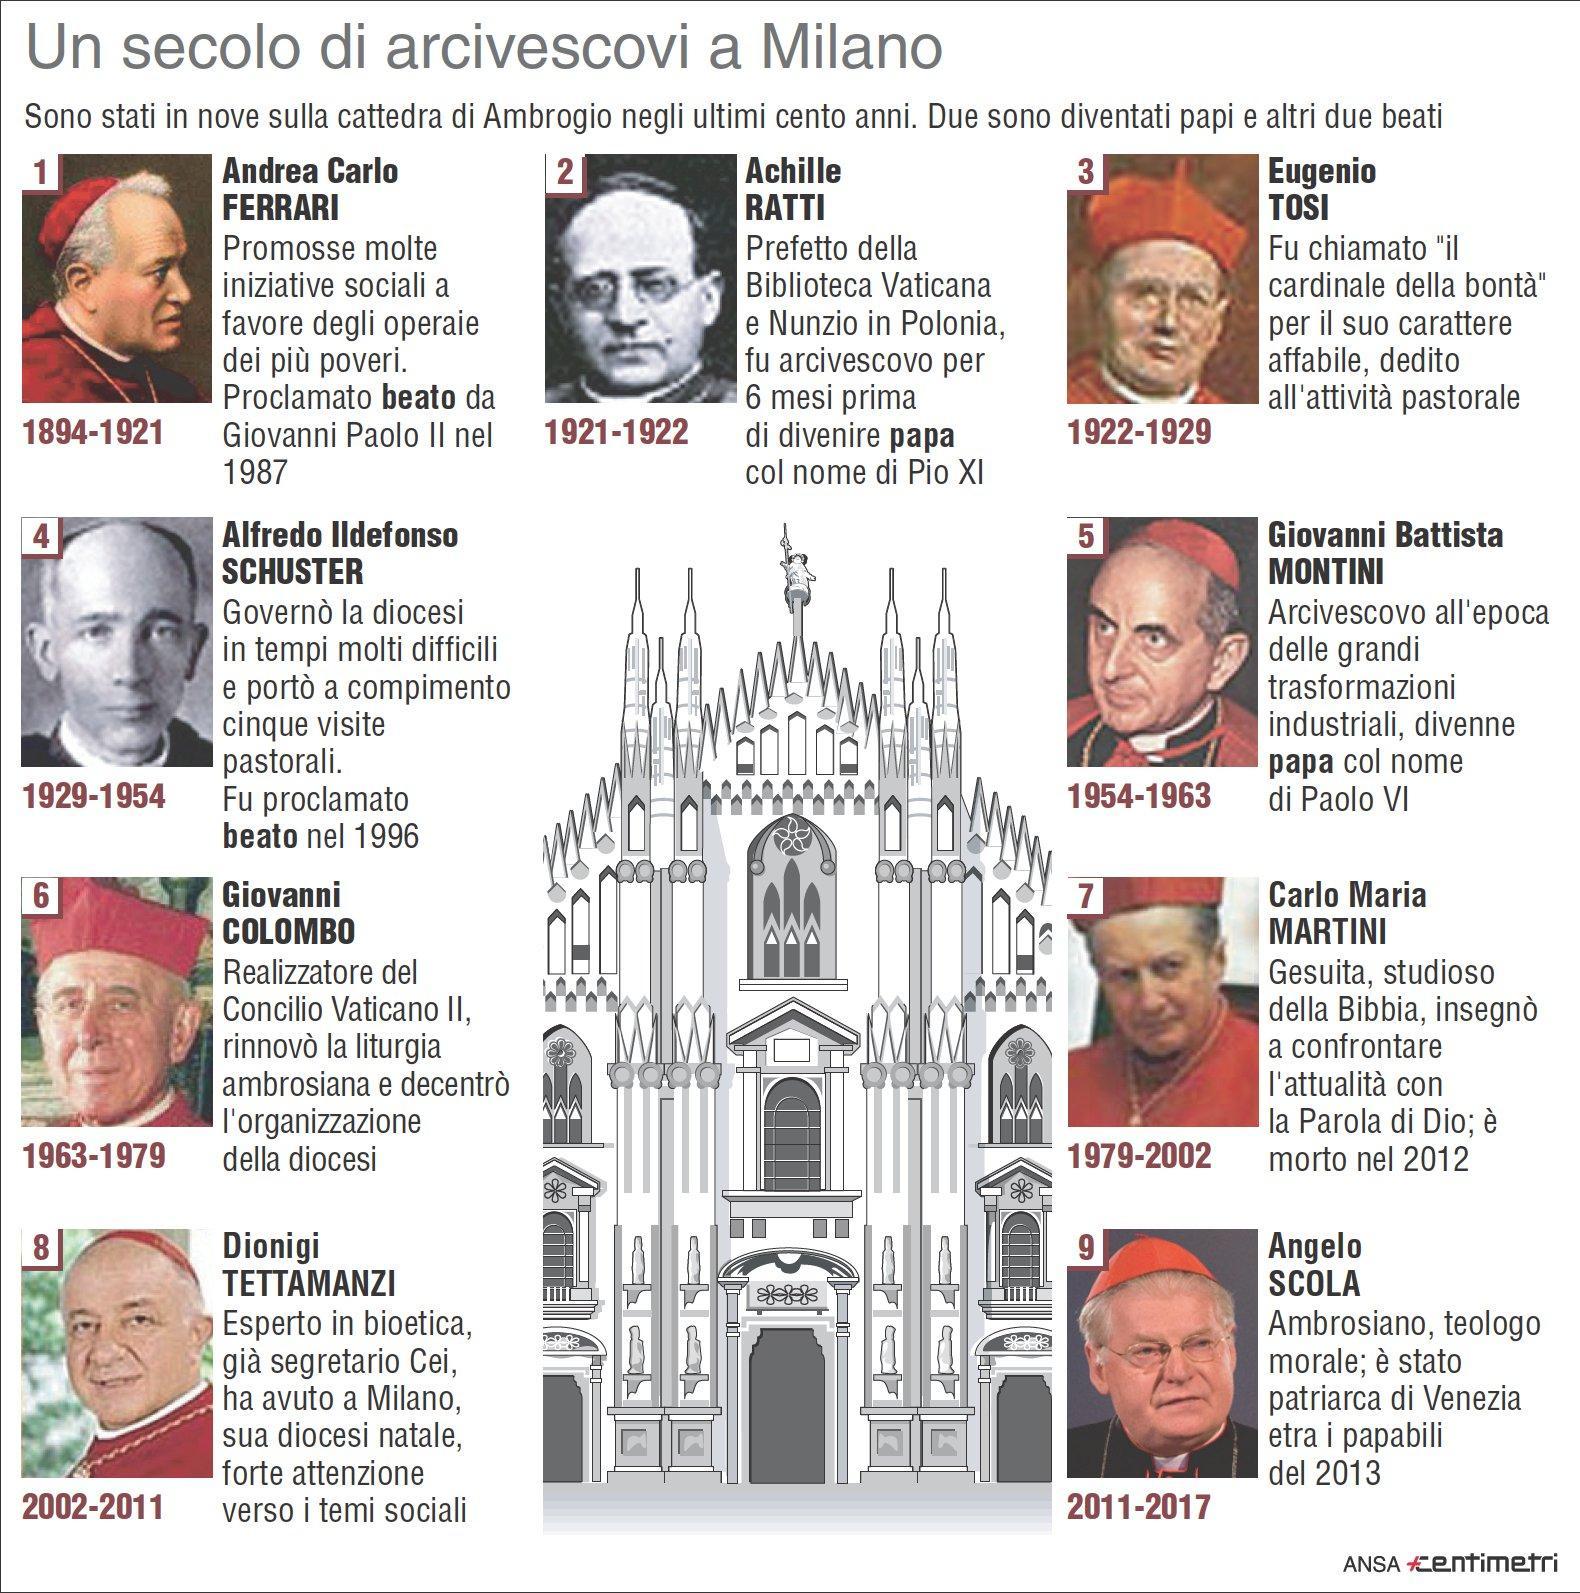 Gli arcivescovi dell ultimo secolo a Milano